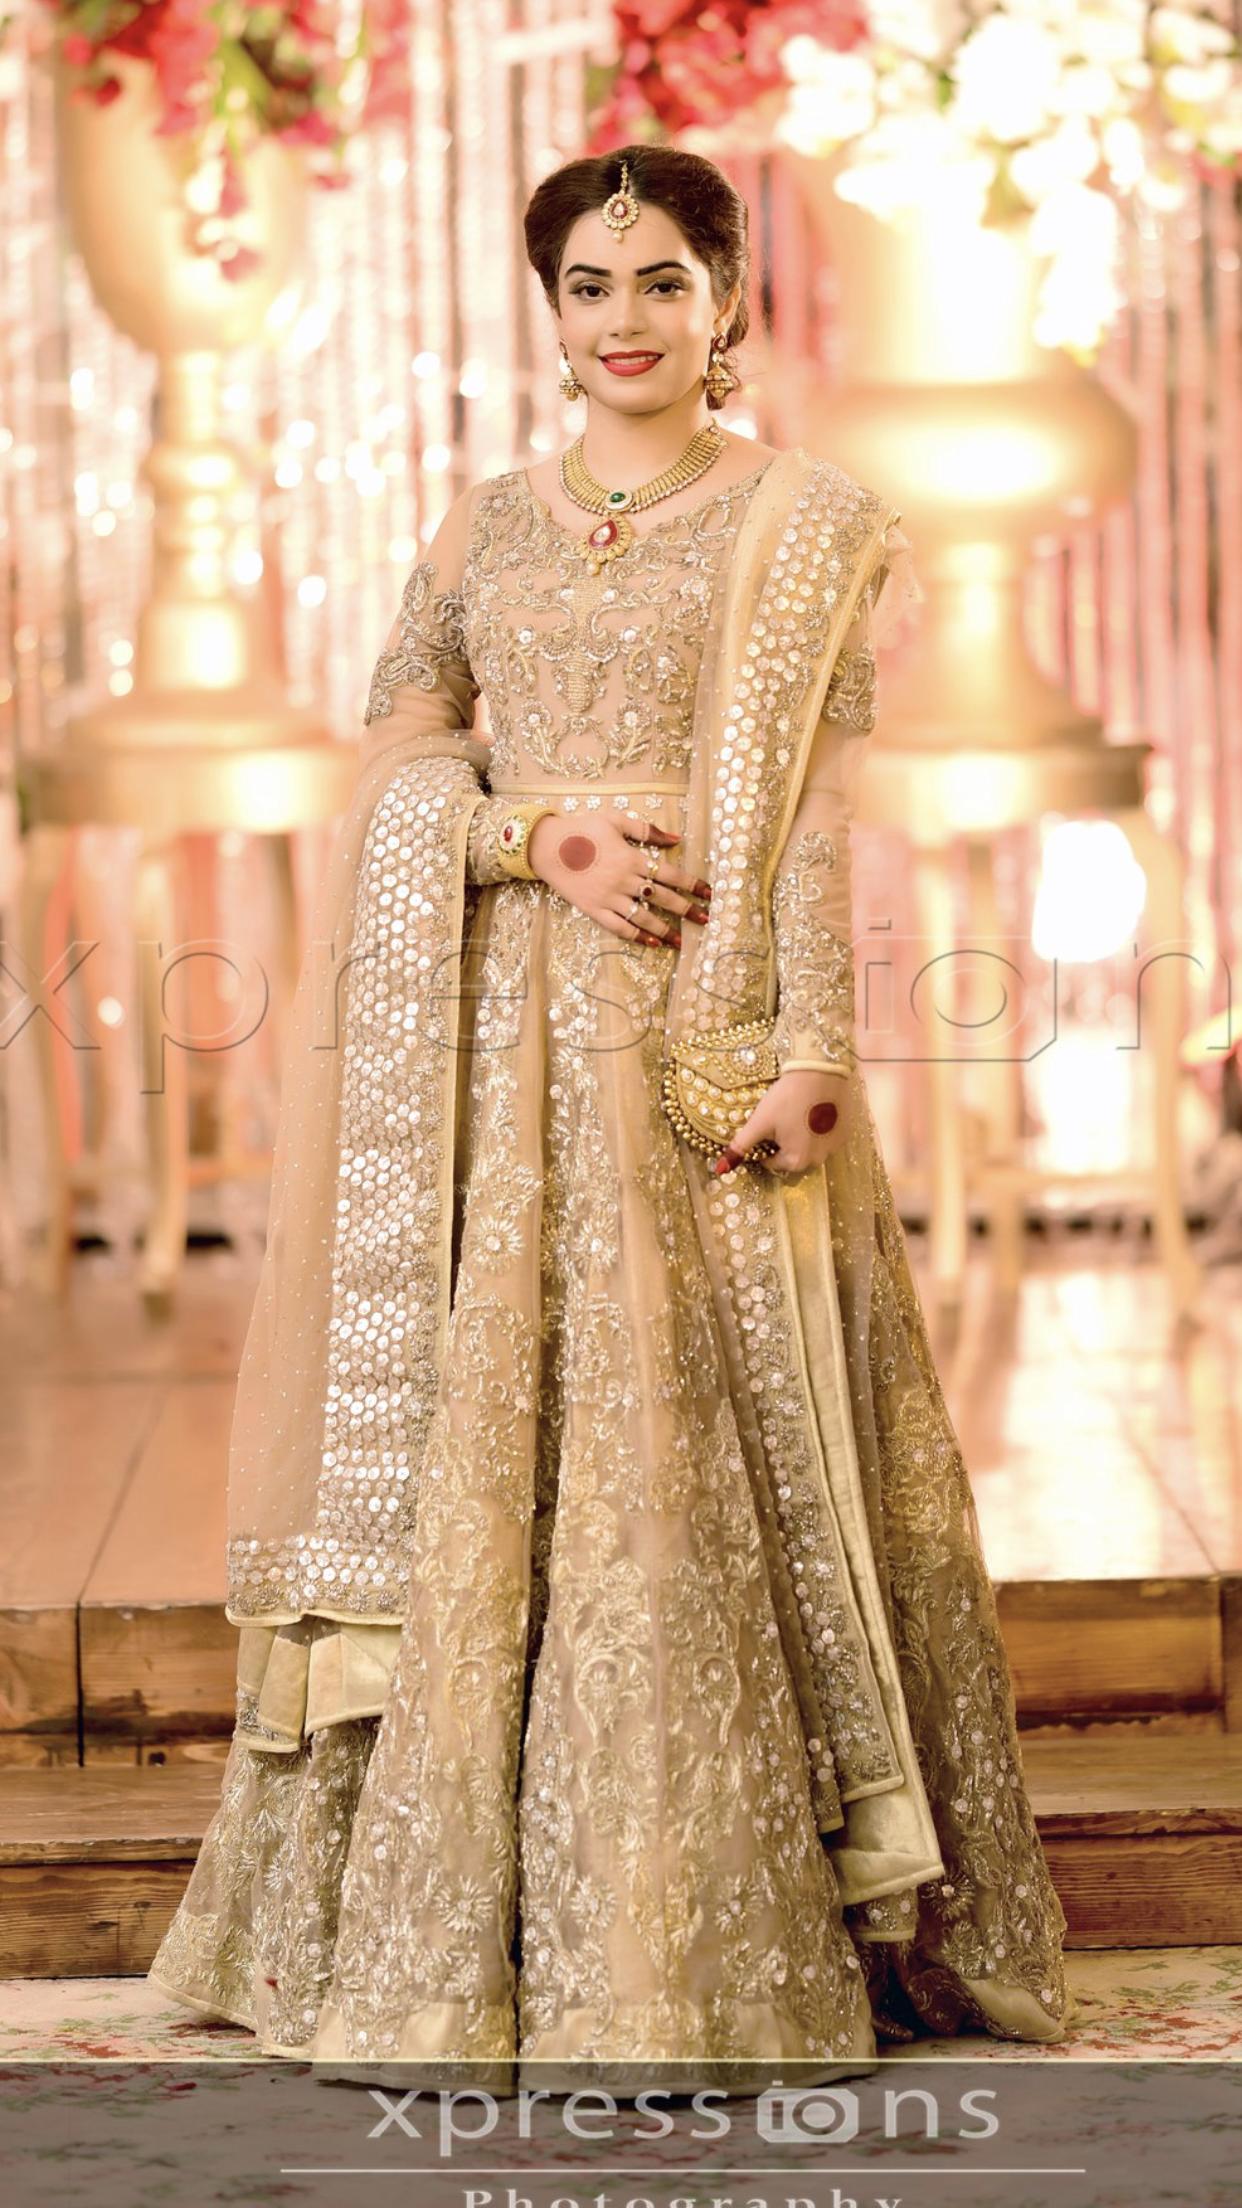 Pin By Nayab Musa On Wedding Inspirations Pakistani Bridal Wear Shadi Dresses Pakistani Wedding Dresses [ 2208 x 1242 Pixel ]